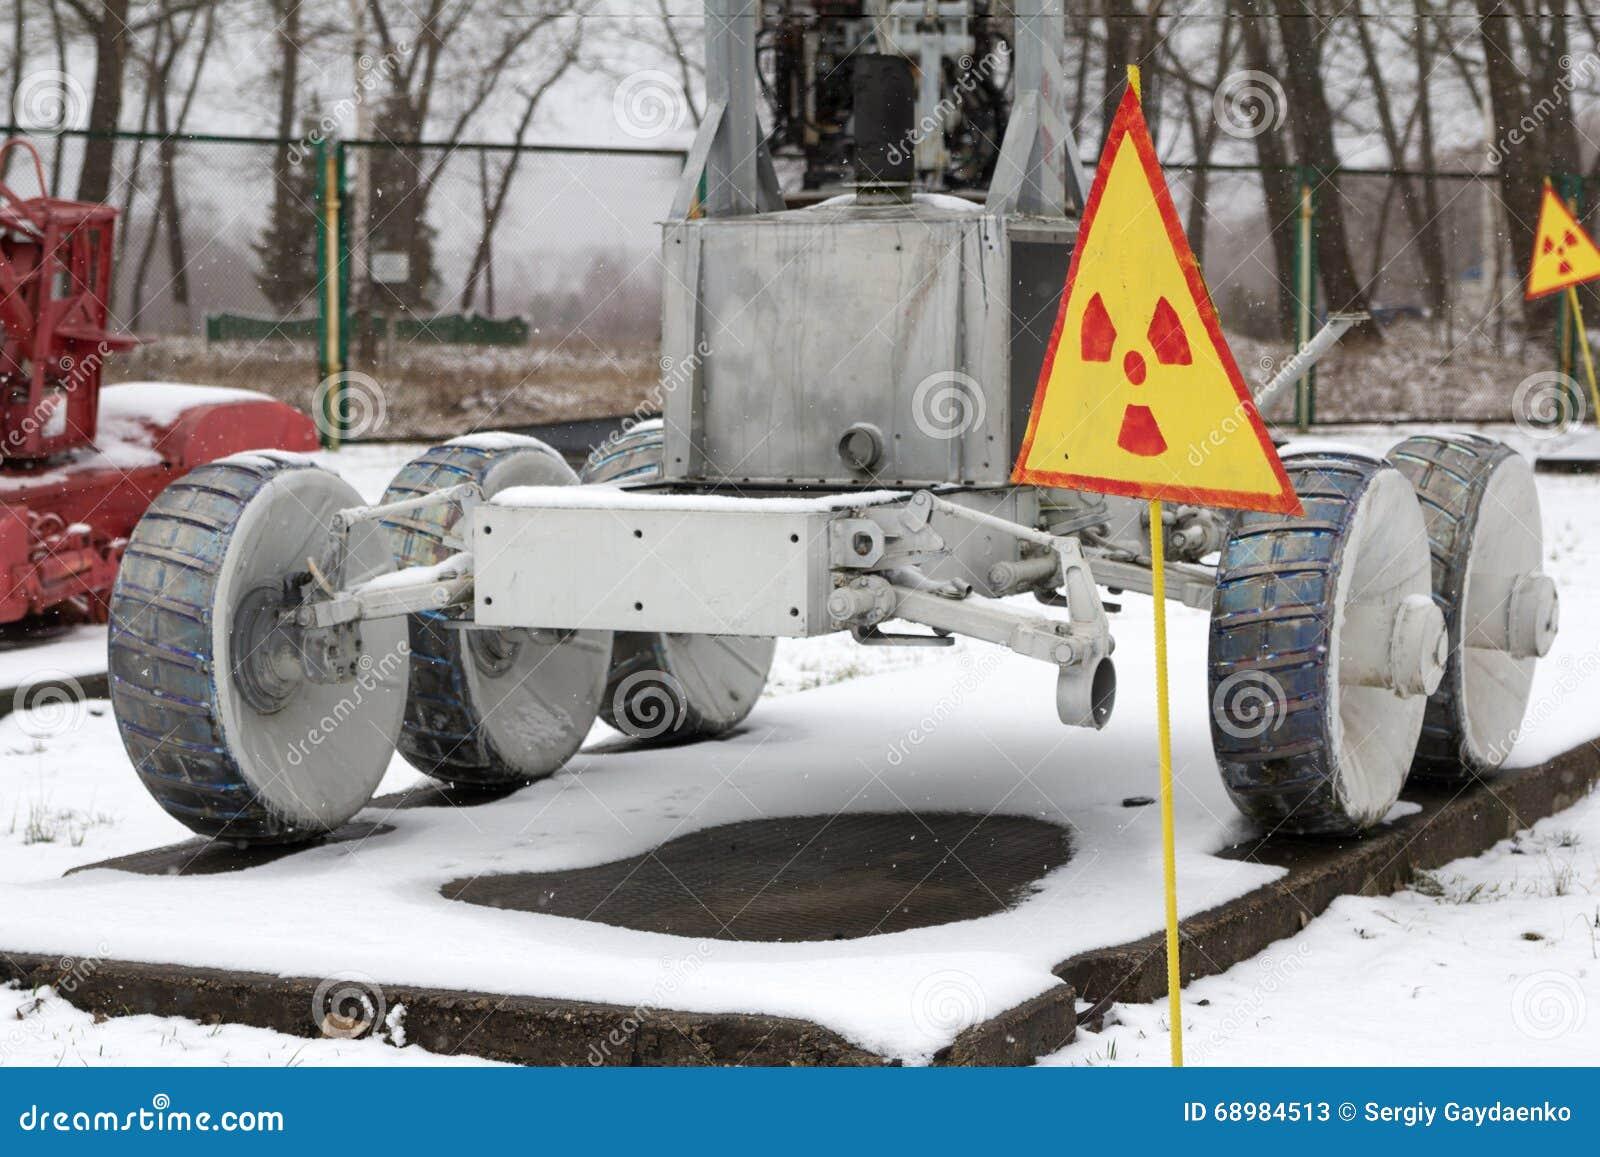 Ucrania Zona de exclusión de Chernóbil - 2016 03 20 La tecnología participó en la eliminación de la explosión en nuclear